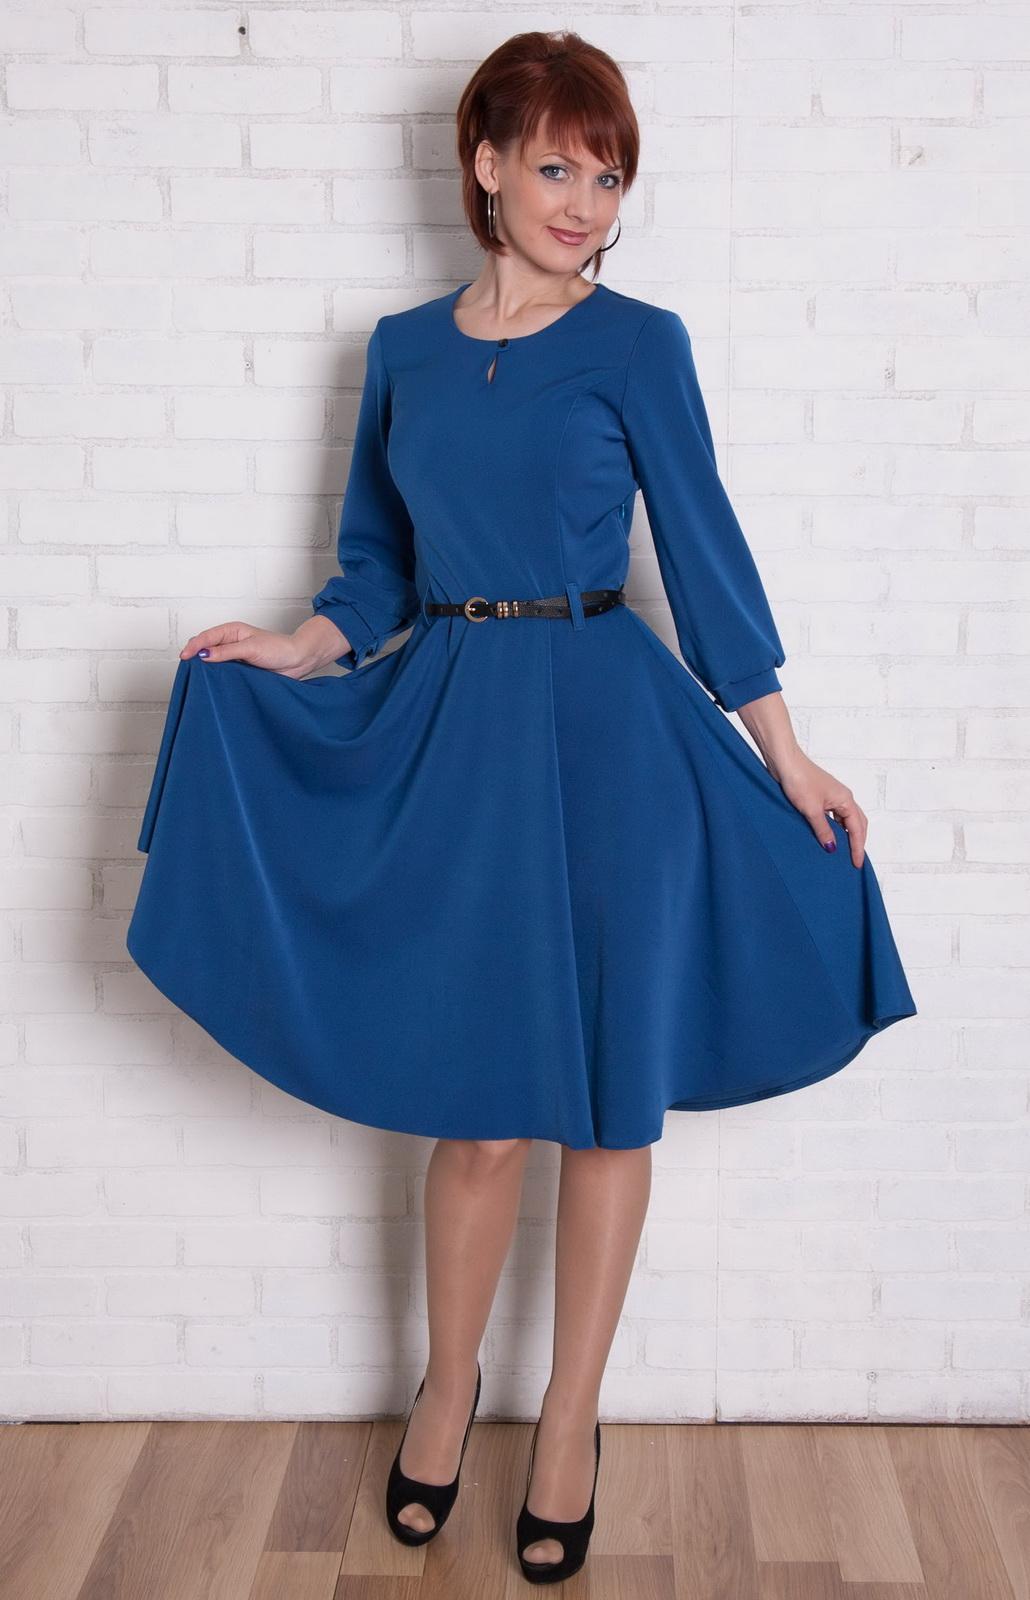 Фото платья с отрезной талией и пышной юбкой